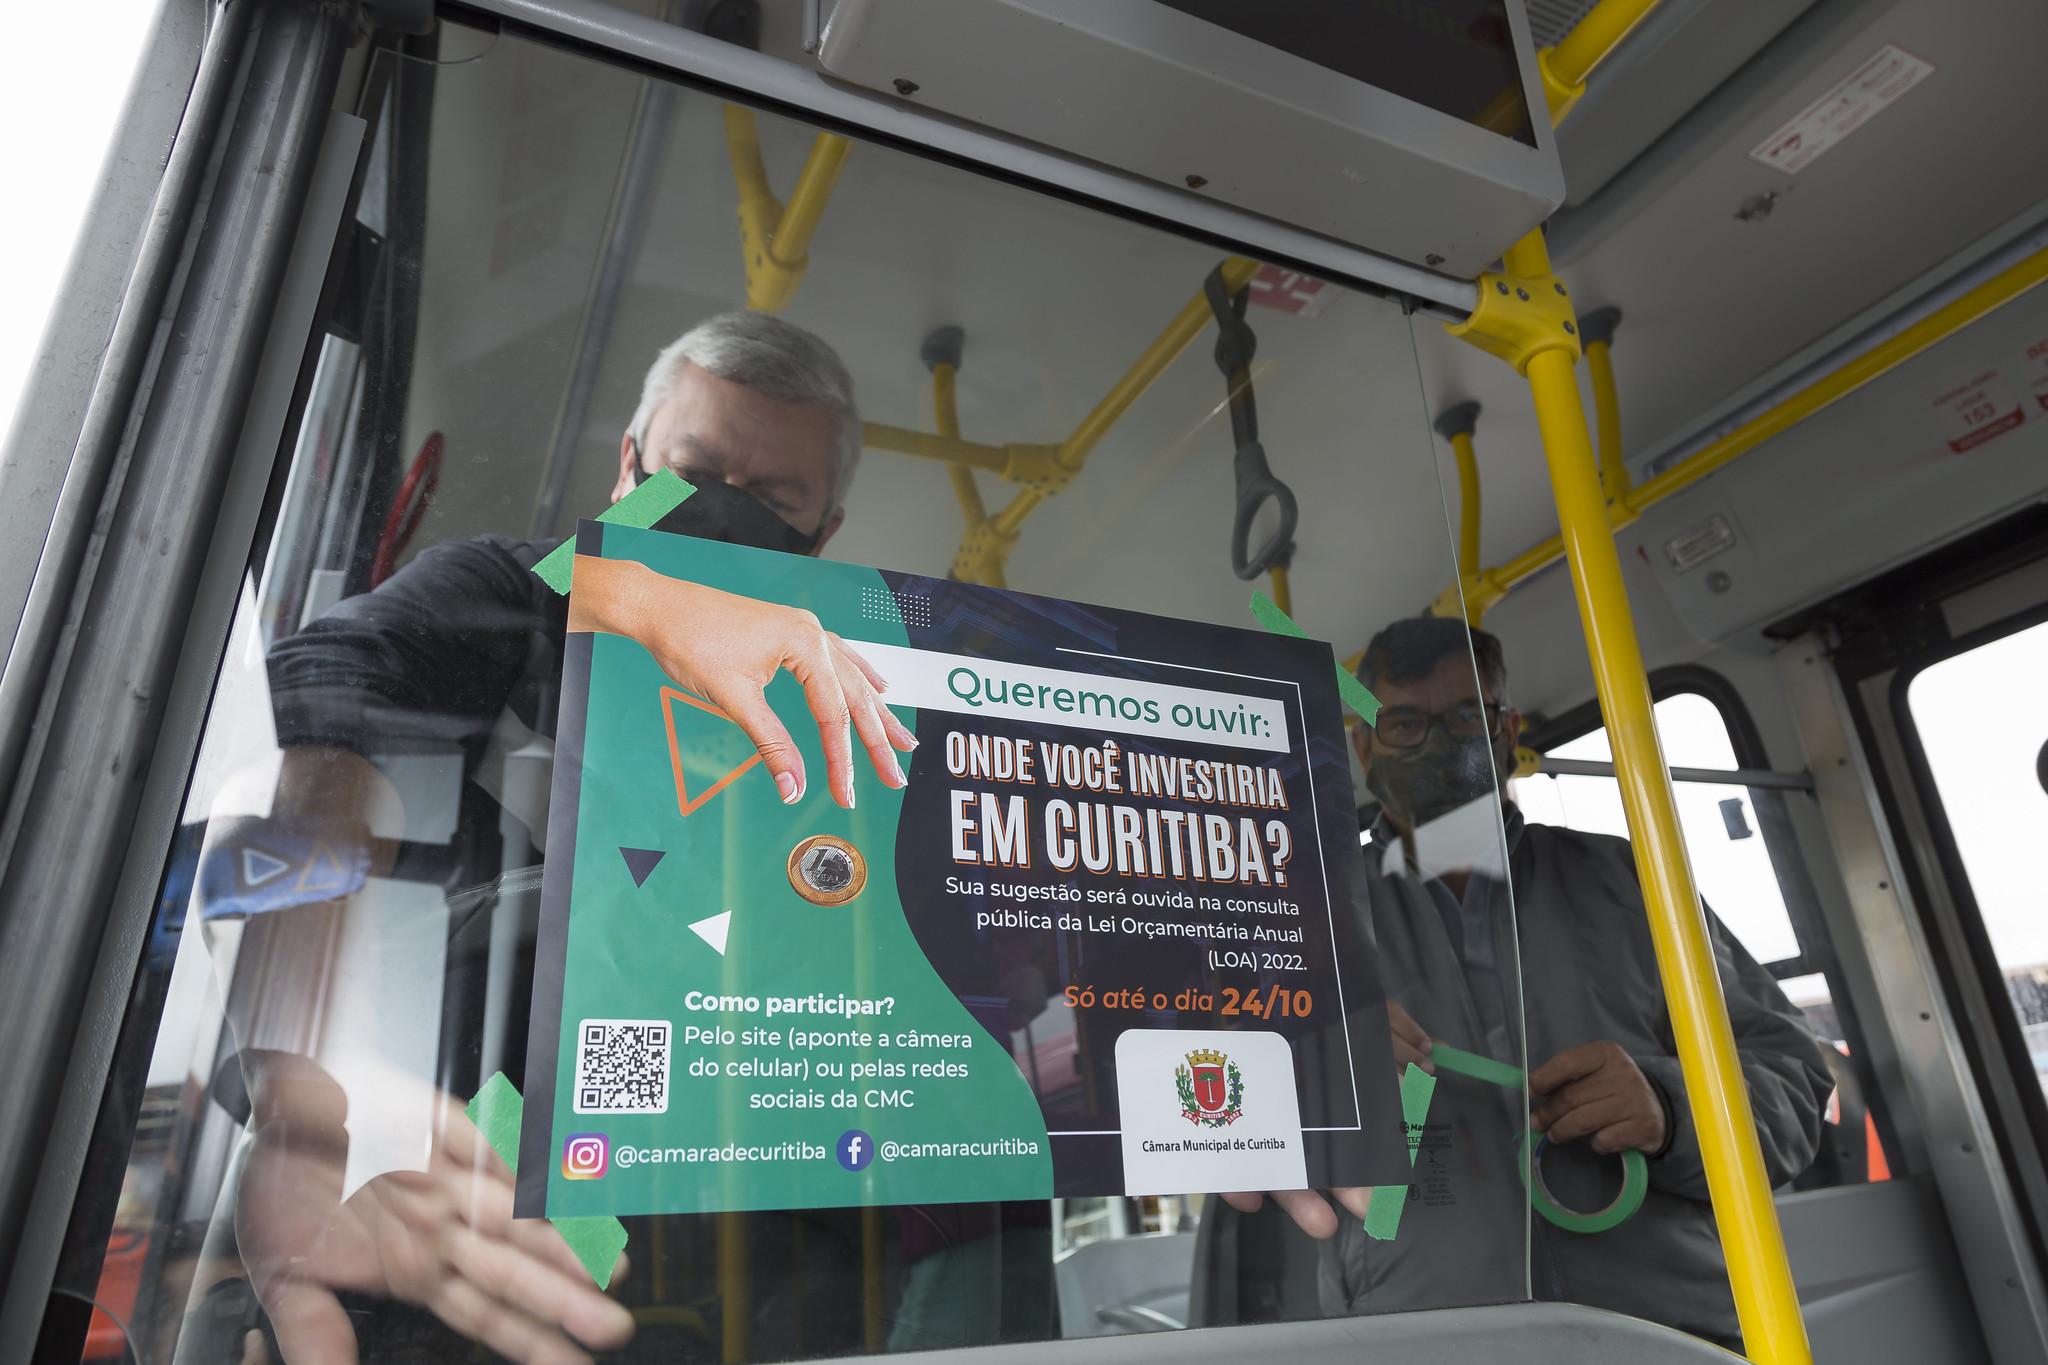 Inédito, Câmara divulga consulta pública da LOA 2022 nos ônibus de Curitiba